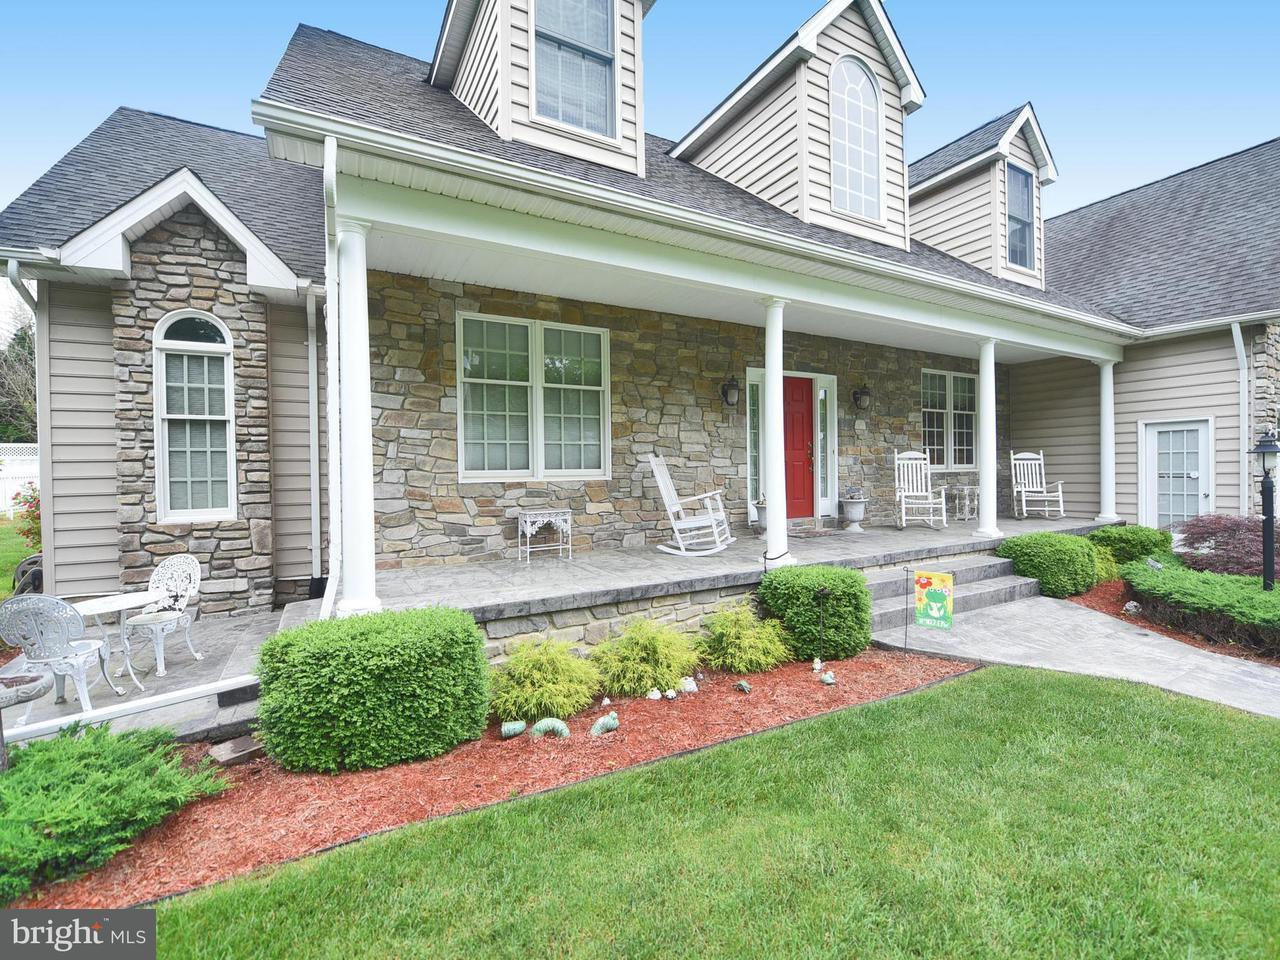 단독 가정 주택 용 매매 에 1307 OLD JOPPA Road 1307 OLD JOPPA Road Joppa, 메릴랜드 21085 미국